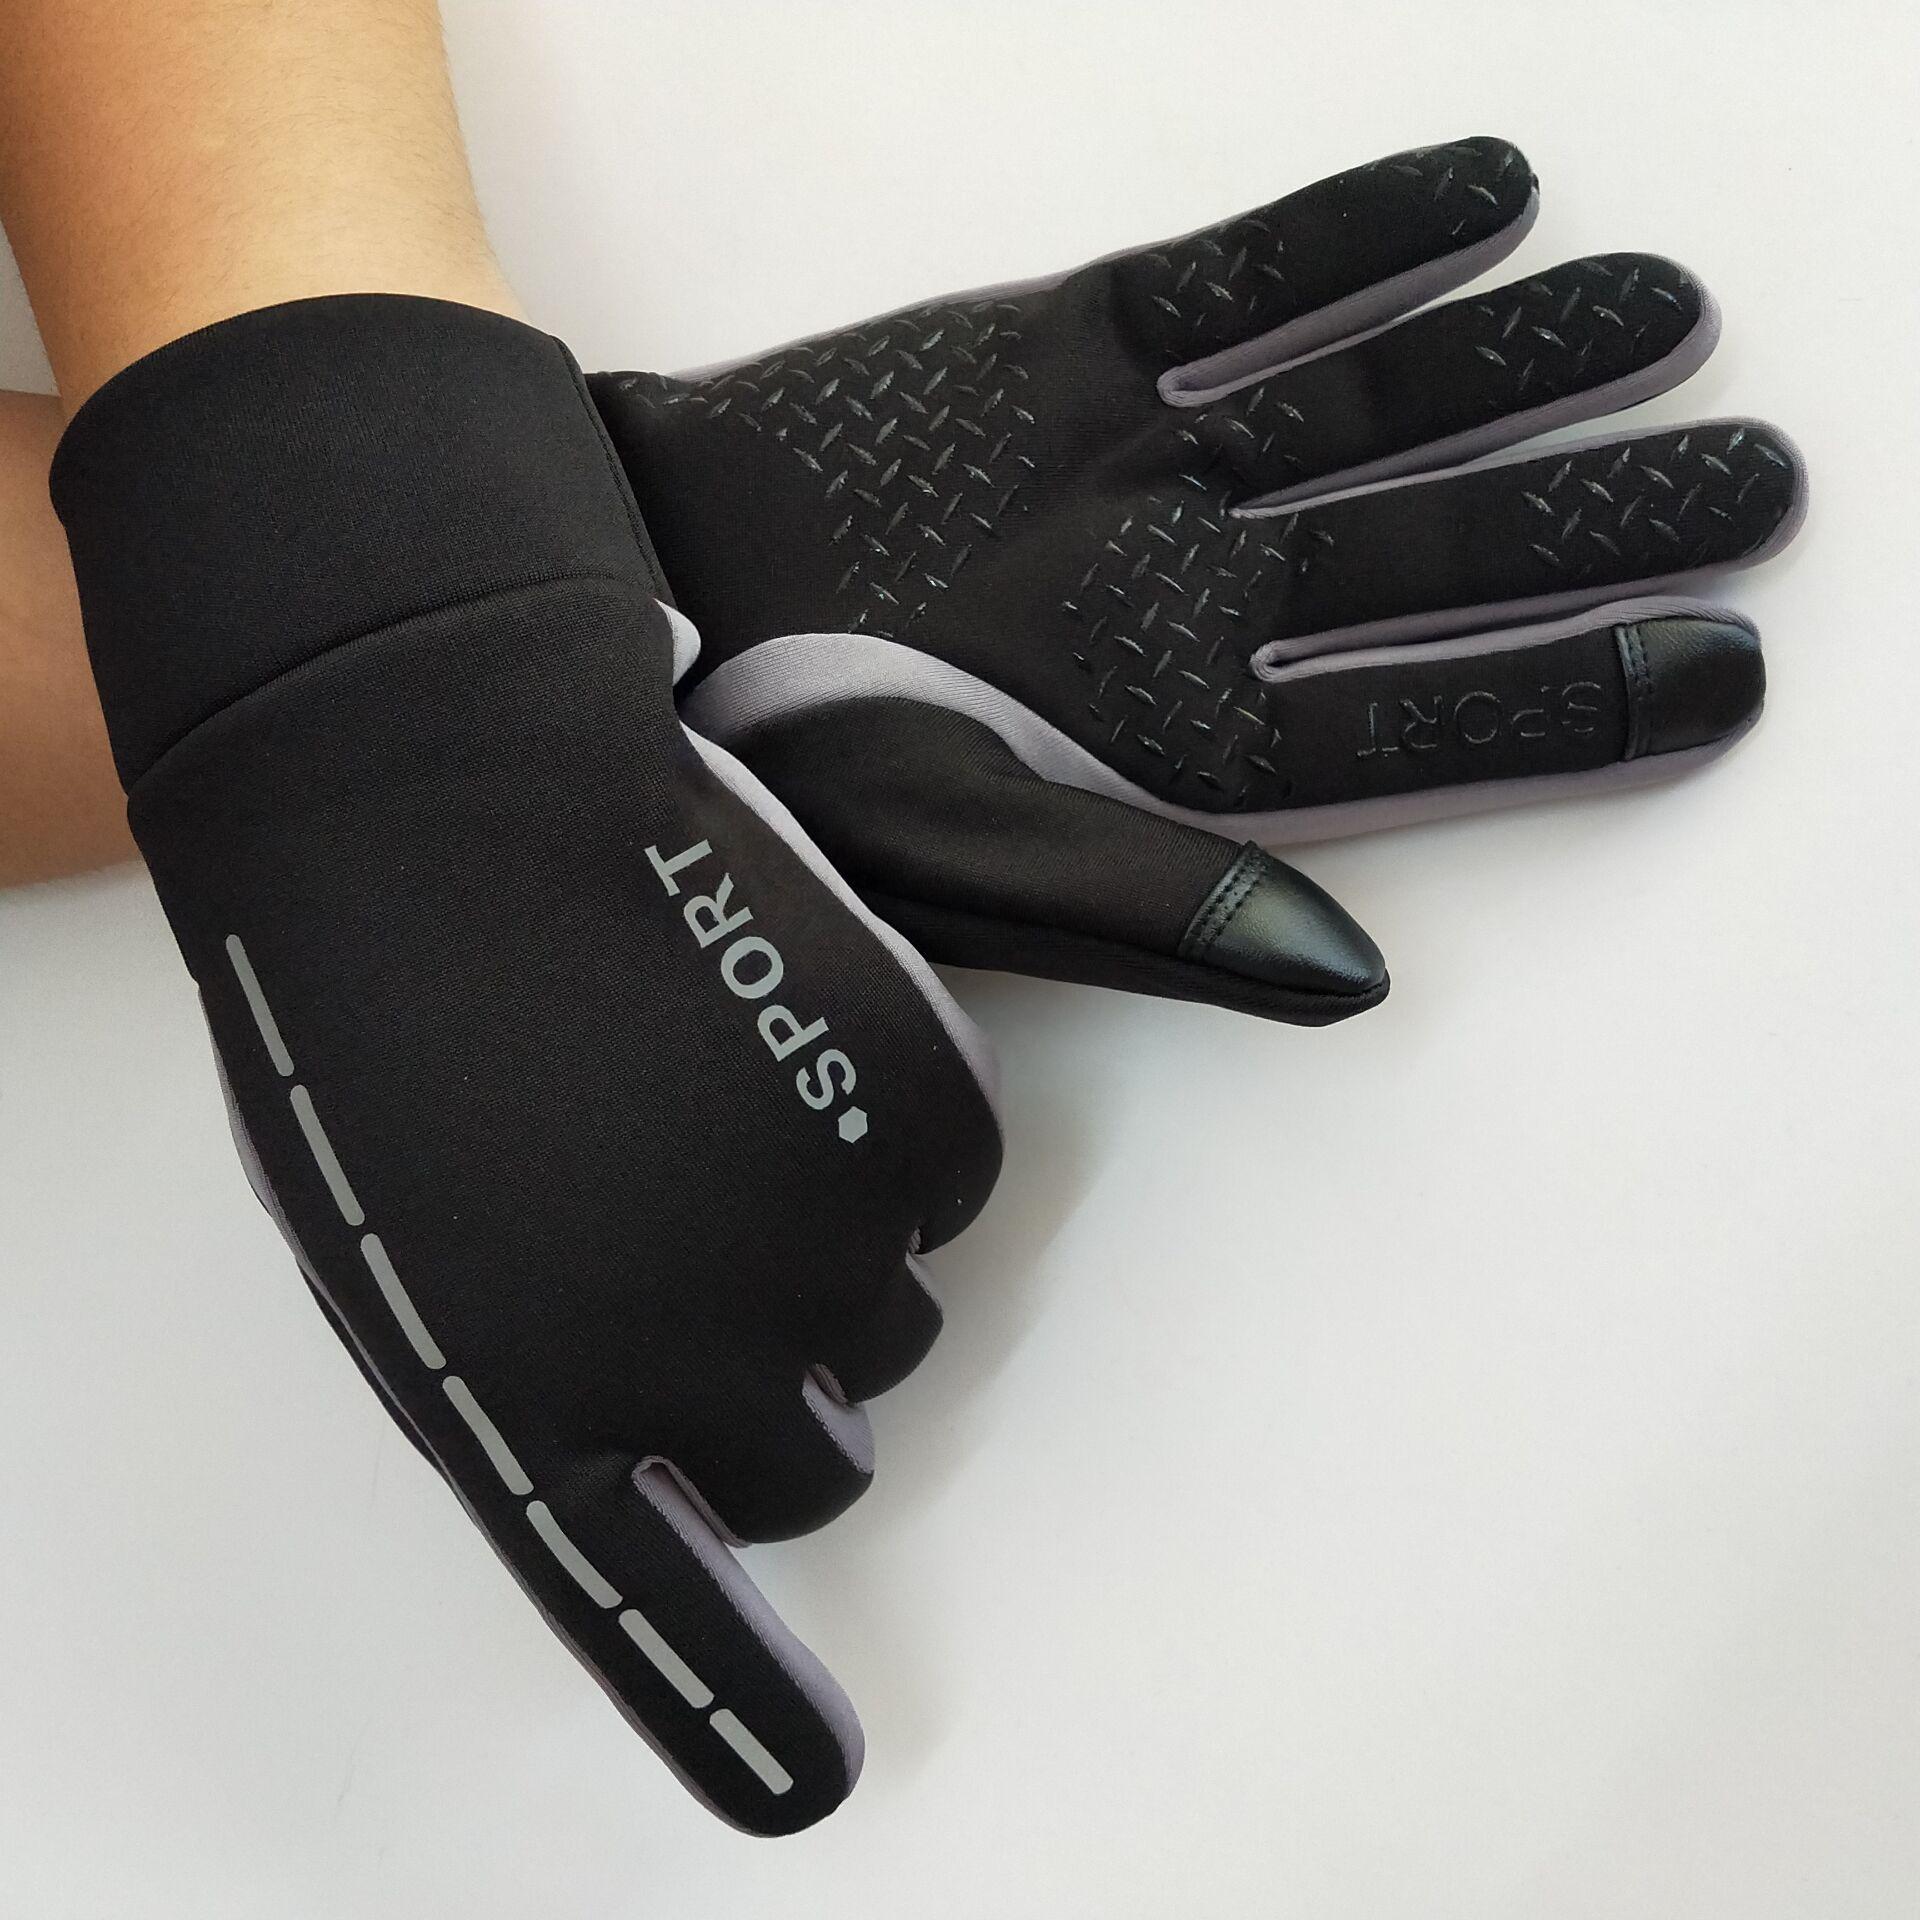 Full finger winter cycling gloves hand gloves